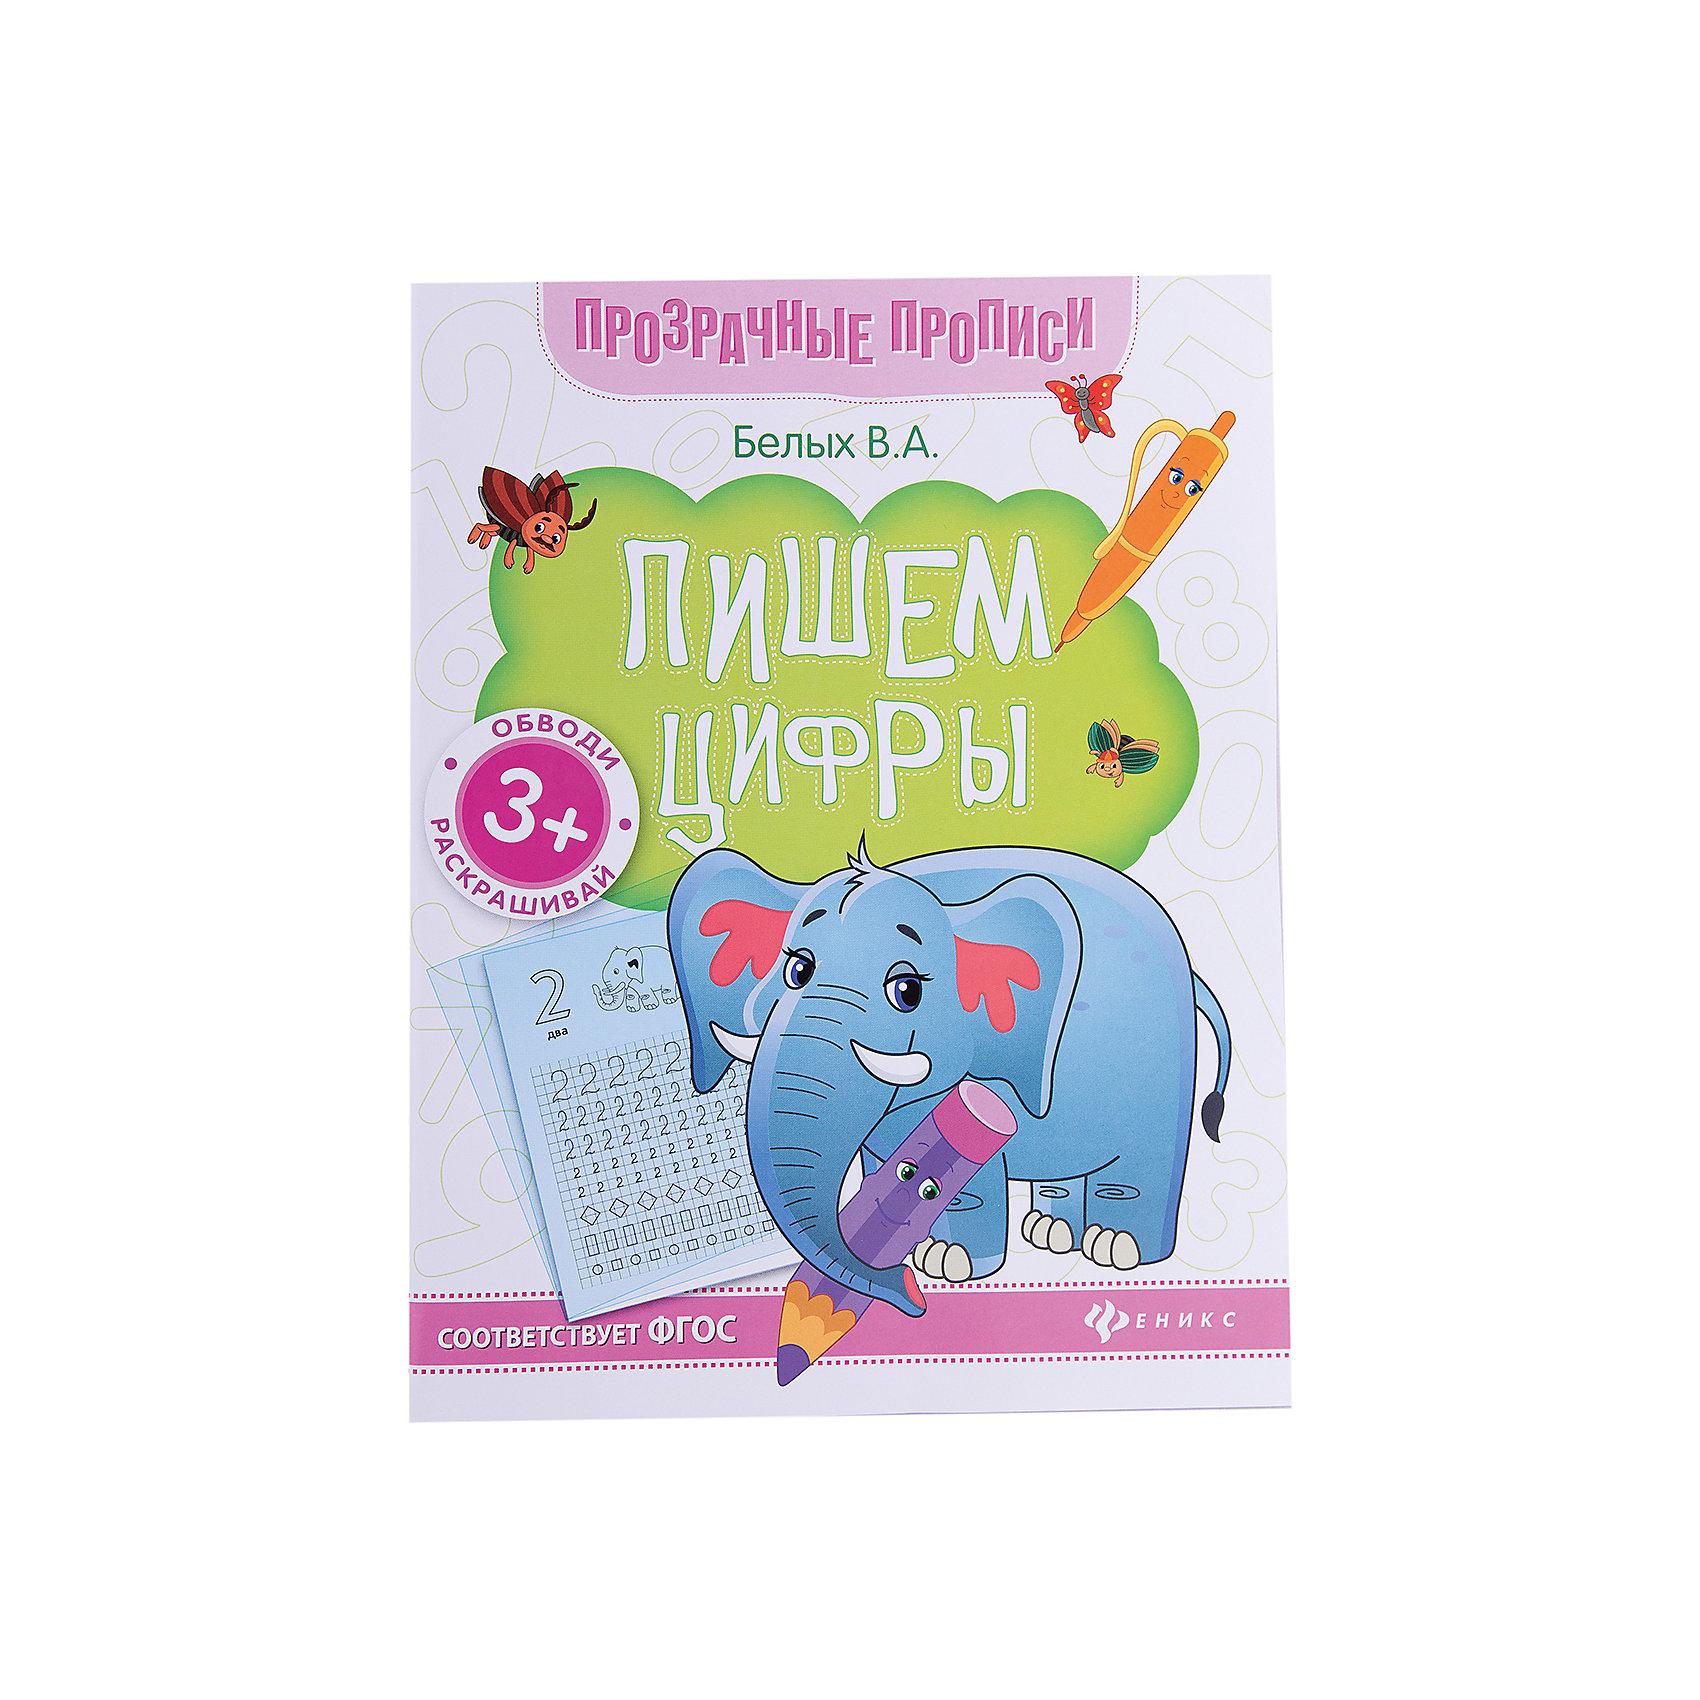 Книга Пишем цифрыКнига Пишем цифры<br><br>Характеристики: <br><br>• Кол-во страниц: 64<br>• ISBN: 9785222275009<br>• Возраст: 3+<br>• Обложка: мягкая<br>• Формат: а4<br><br>Эта книга сделана в необычном формате - с полупрозрачными страничками, через которые ребенок сможет копировать нужные символы, обводя их ручкой или карандашом. Такой способ позволяет ребенку быстрее запомнить нужные символы и легче воспроизводить их в свободном письме. Благодаря этой книге ребенок научится писать цифры. <br><br>Книга Пишем цифры можно купить в нашем интернет-магазине.<br><br>Ширина мм: 264<br>Глубина мм: 200<br>Высота мм: 30<br>Вес г: 126<br>Возраст от месяцев: -2147483648<br>Возраст до месяцев: 2147483647<br>Пол: Унисекс<br>Возраст: Детский<br>SKU: 5464531